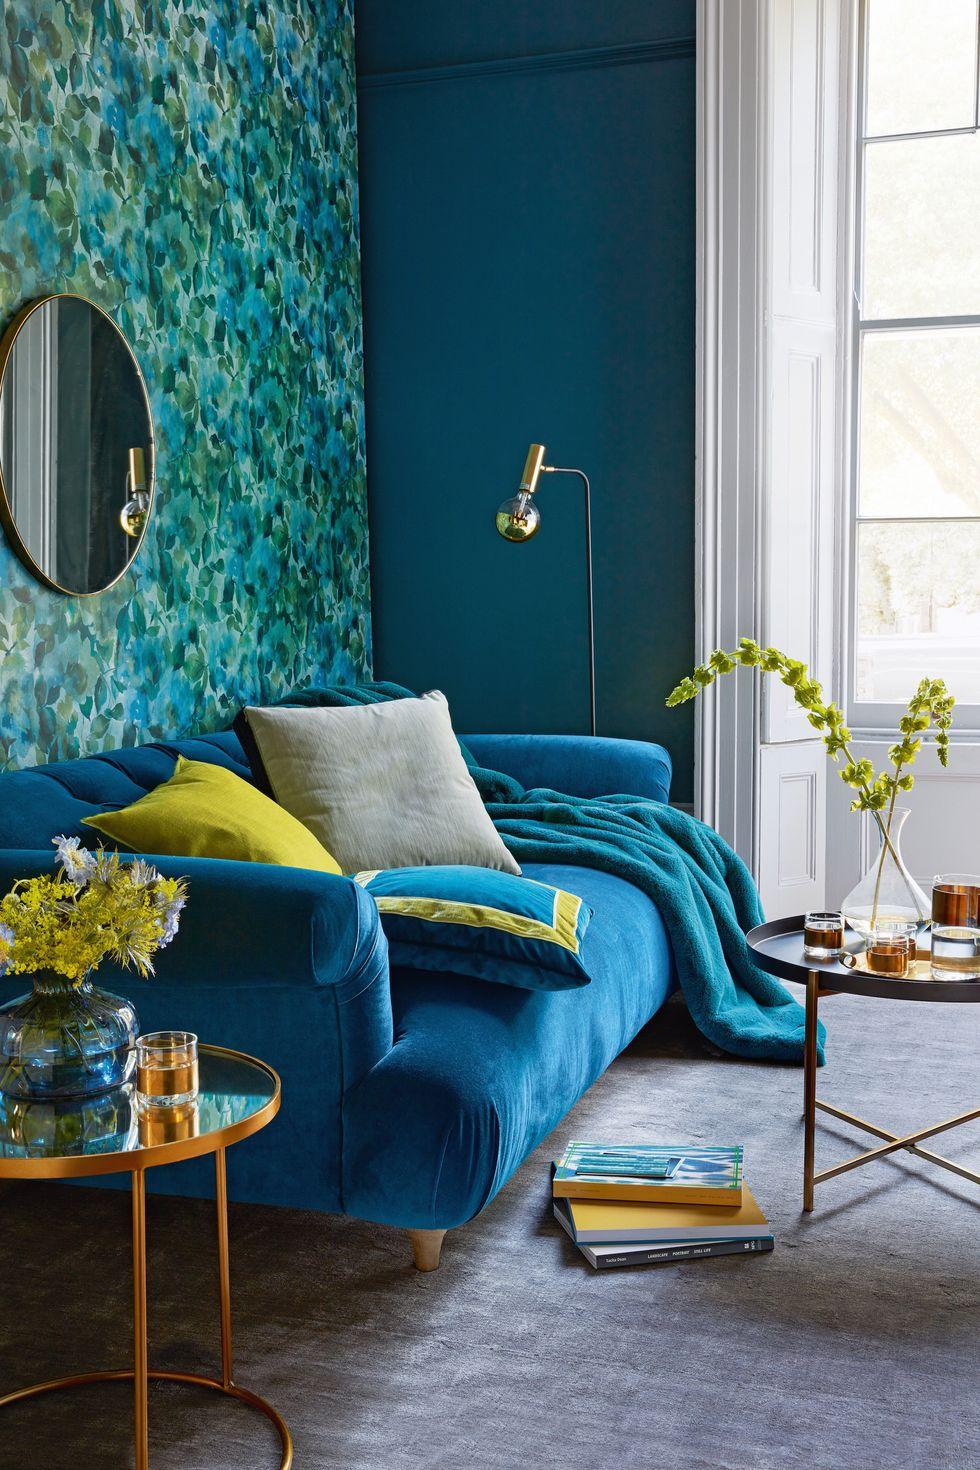 Blue Sofa Living Room Decor Ideas